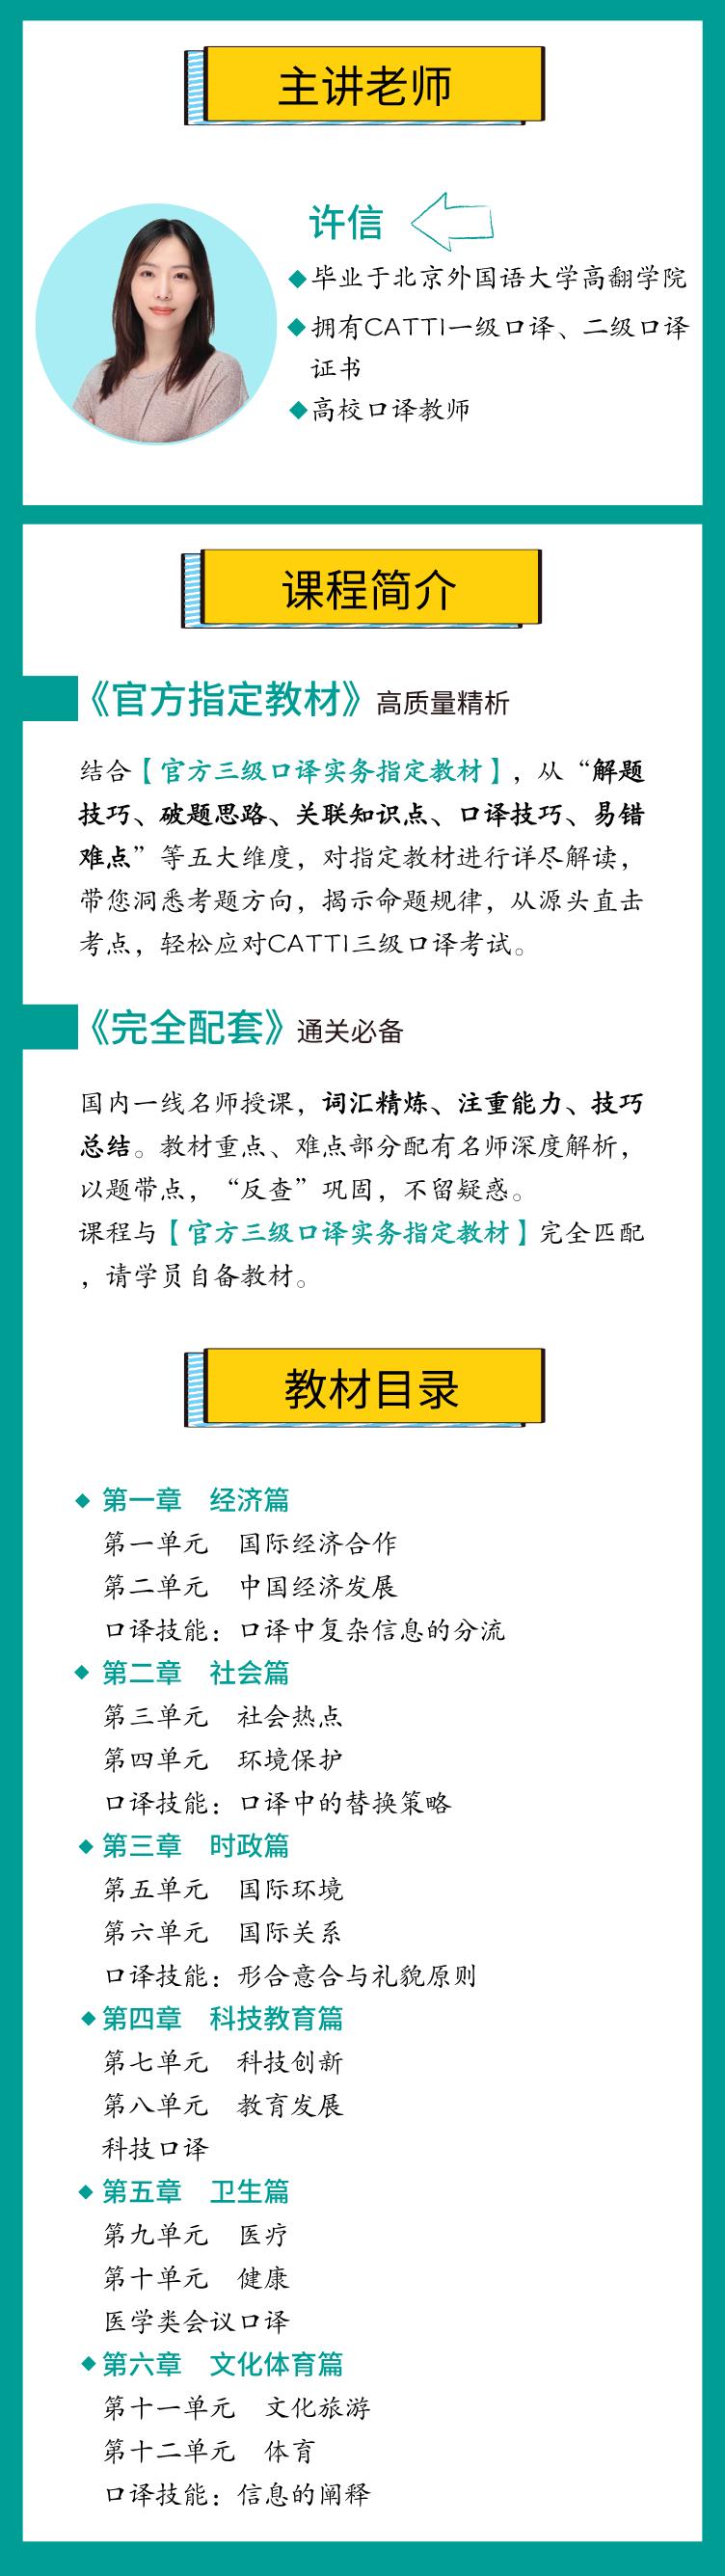 默认标题_自定义px_2020-10-10-0 (5).png